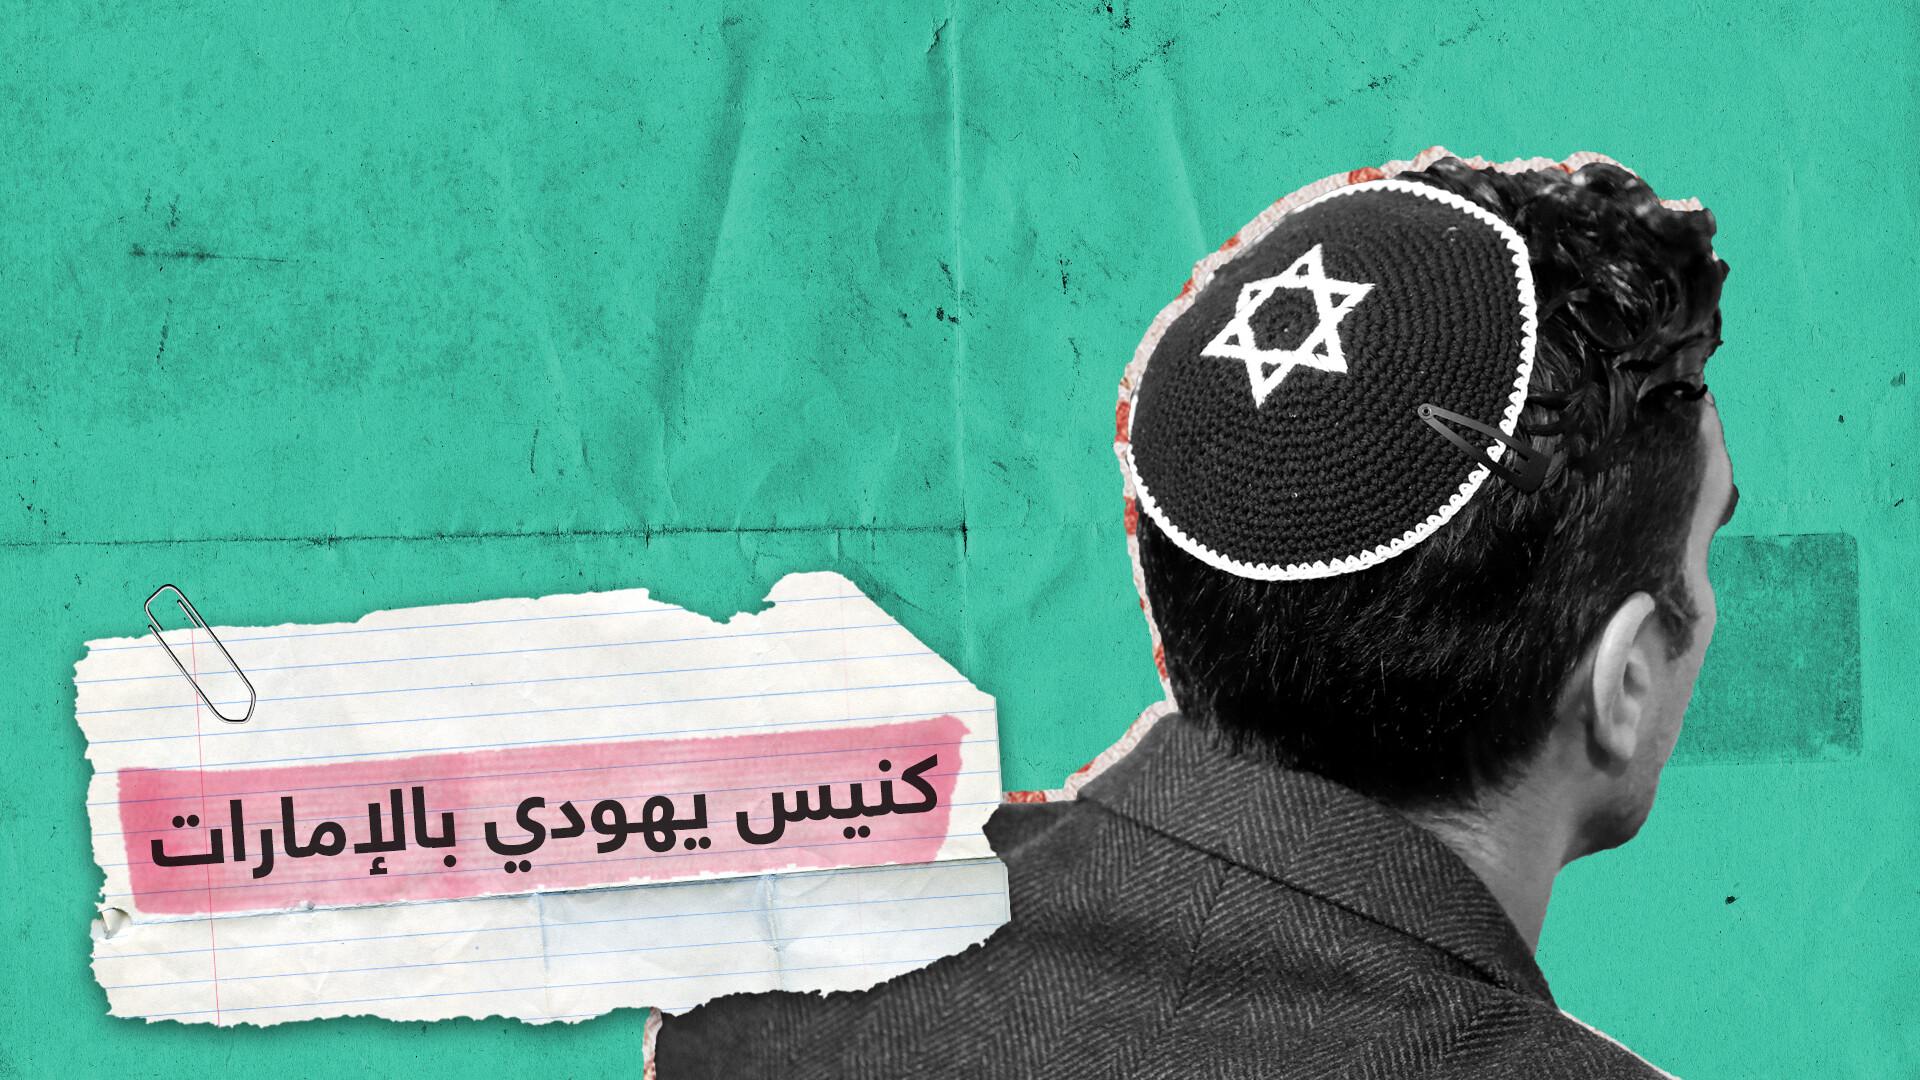 ما قصة أول كنيس يهودي في الإمارات؟